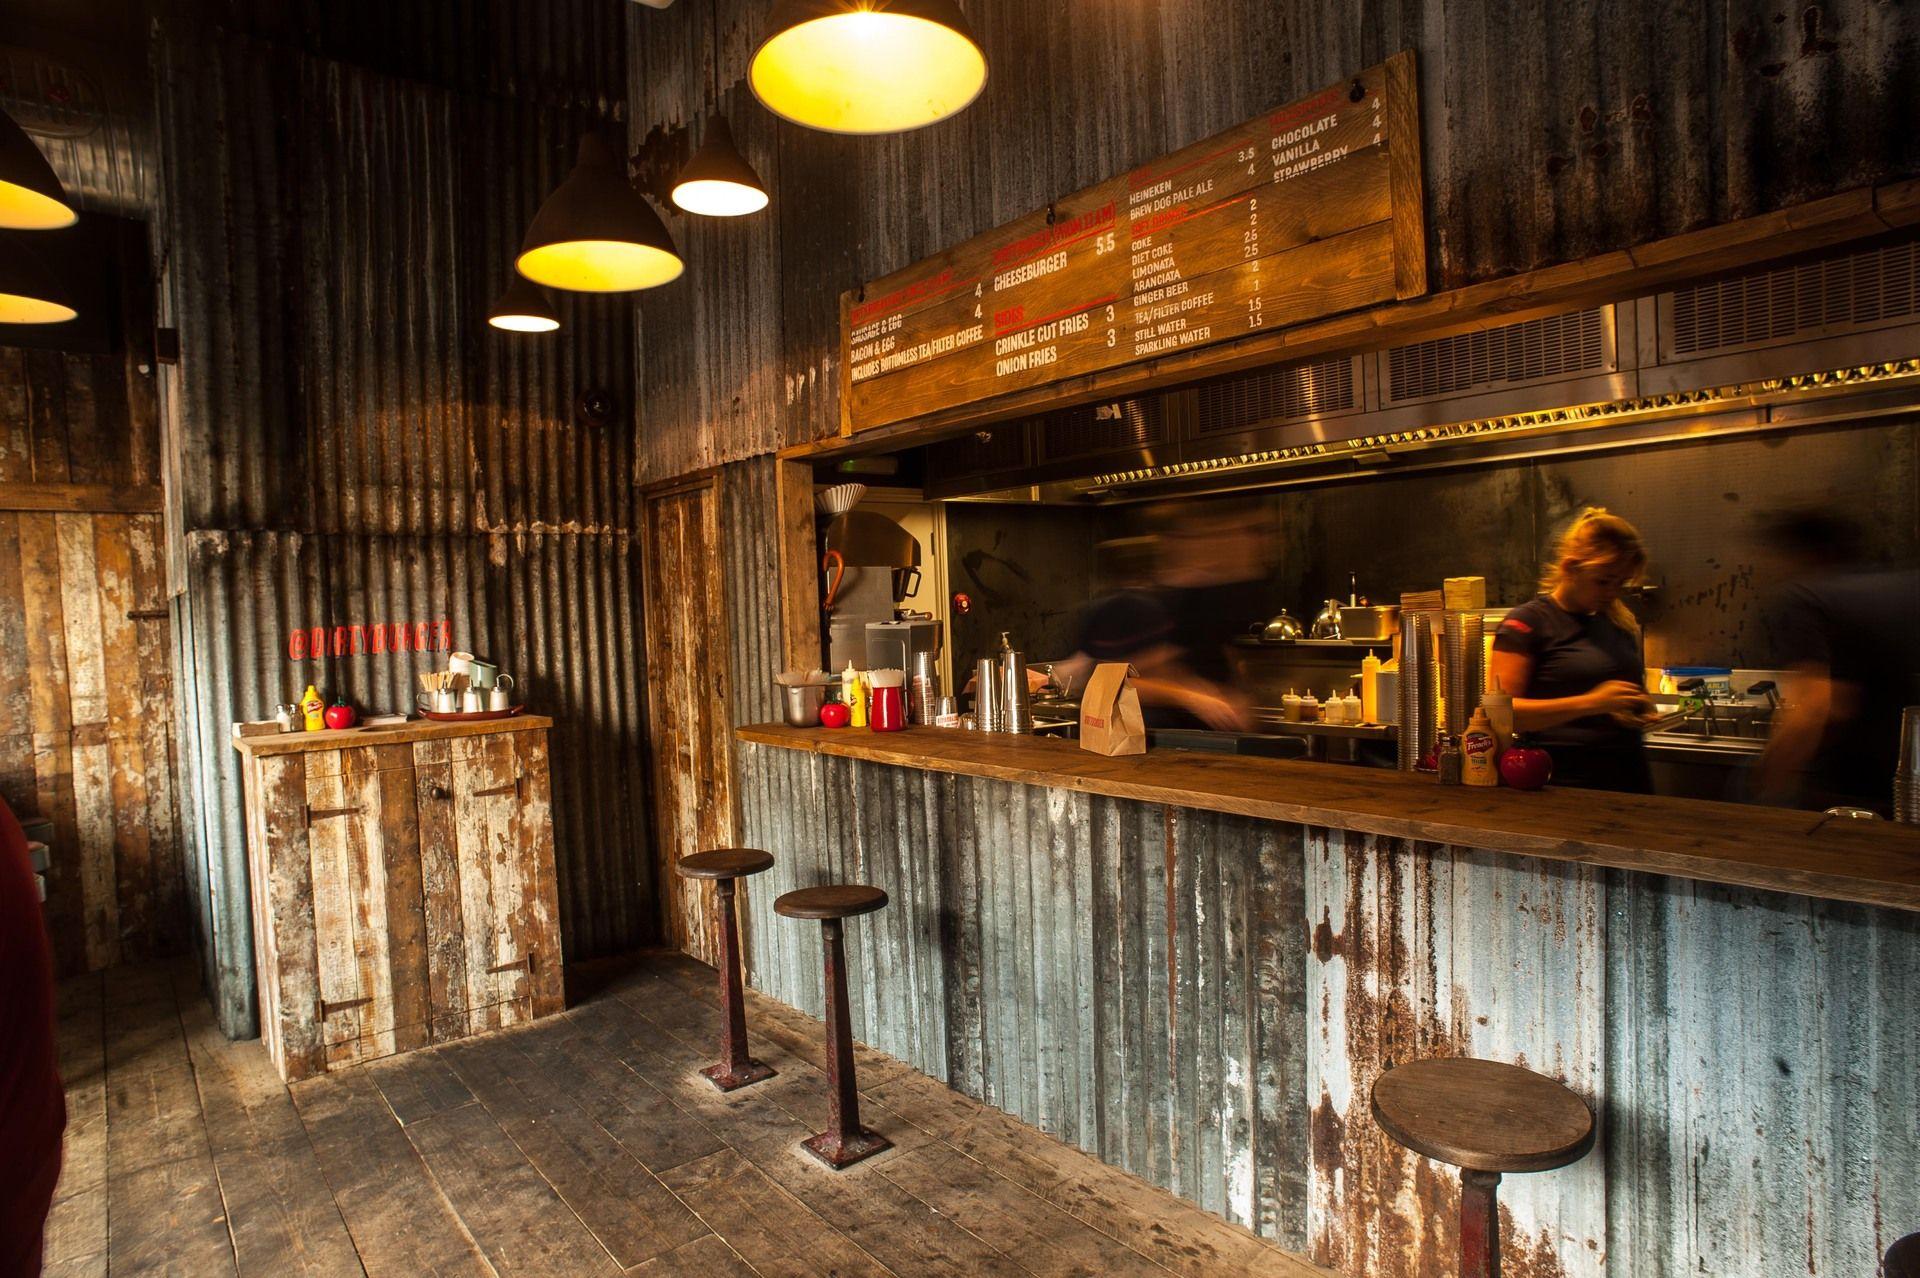 interior design decoration restaurant design bar restaurant pinterest bar casse. Black Bedroom Furniture Sets. Home Design Ideas